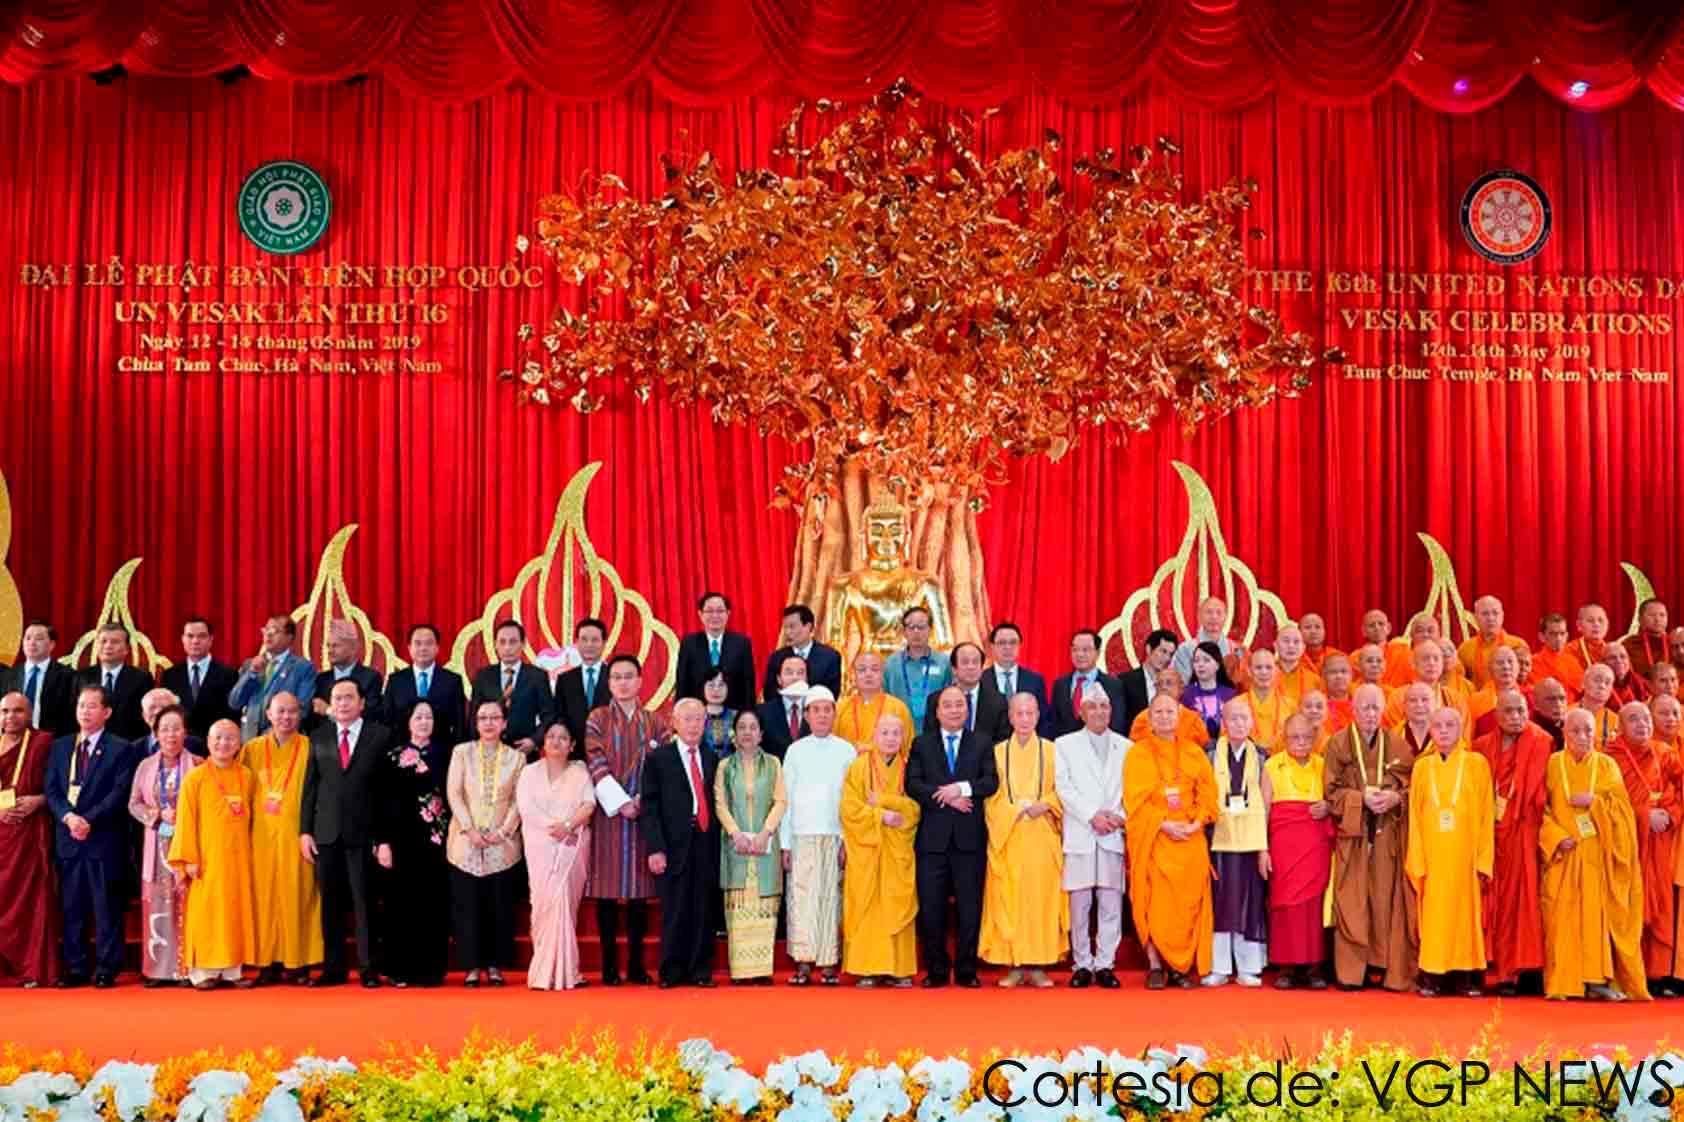 UVG en Vietman: ¿cómo aporta el budismo al desarrollo?